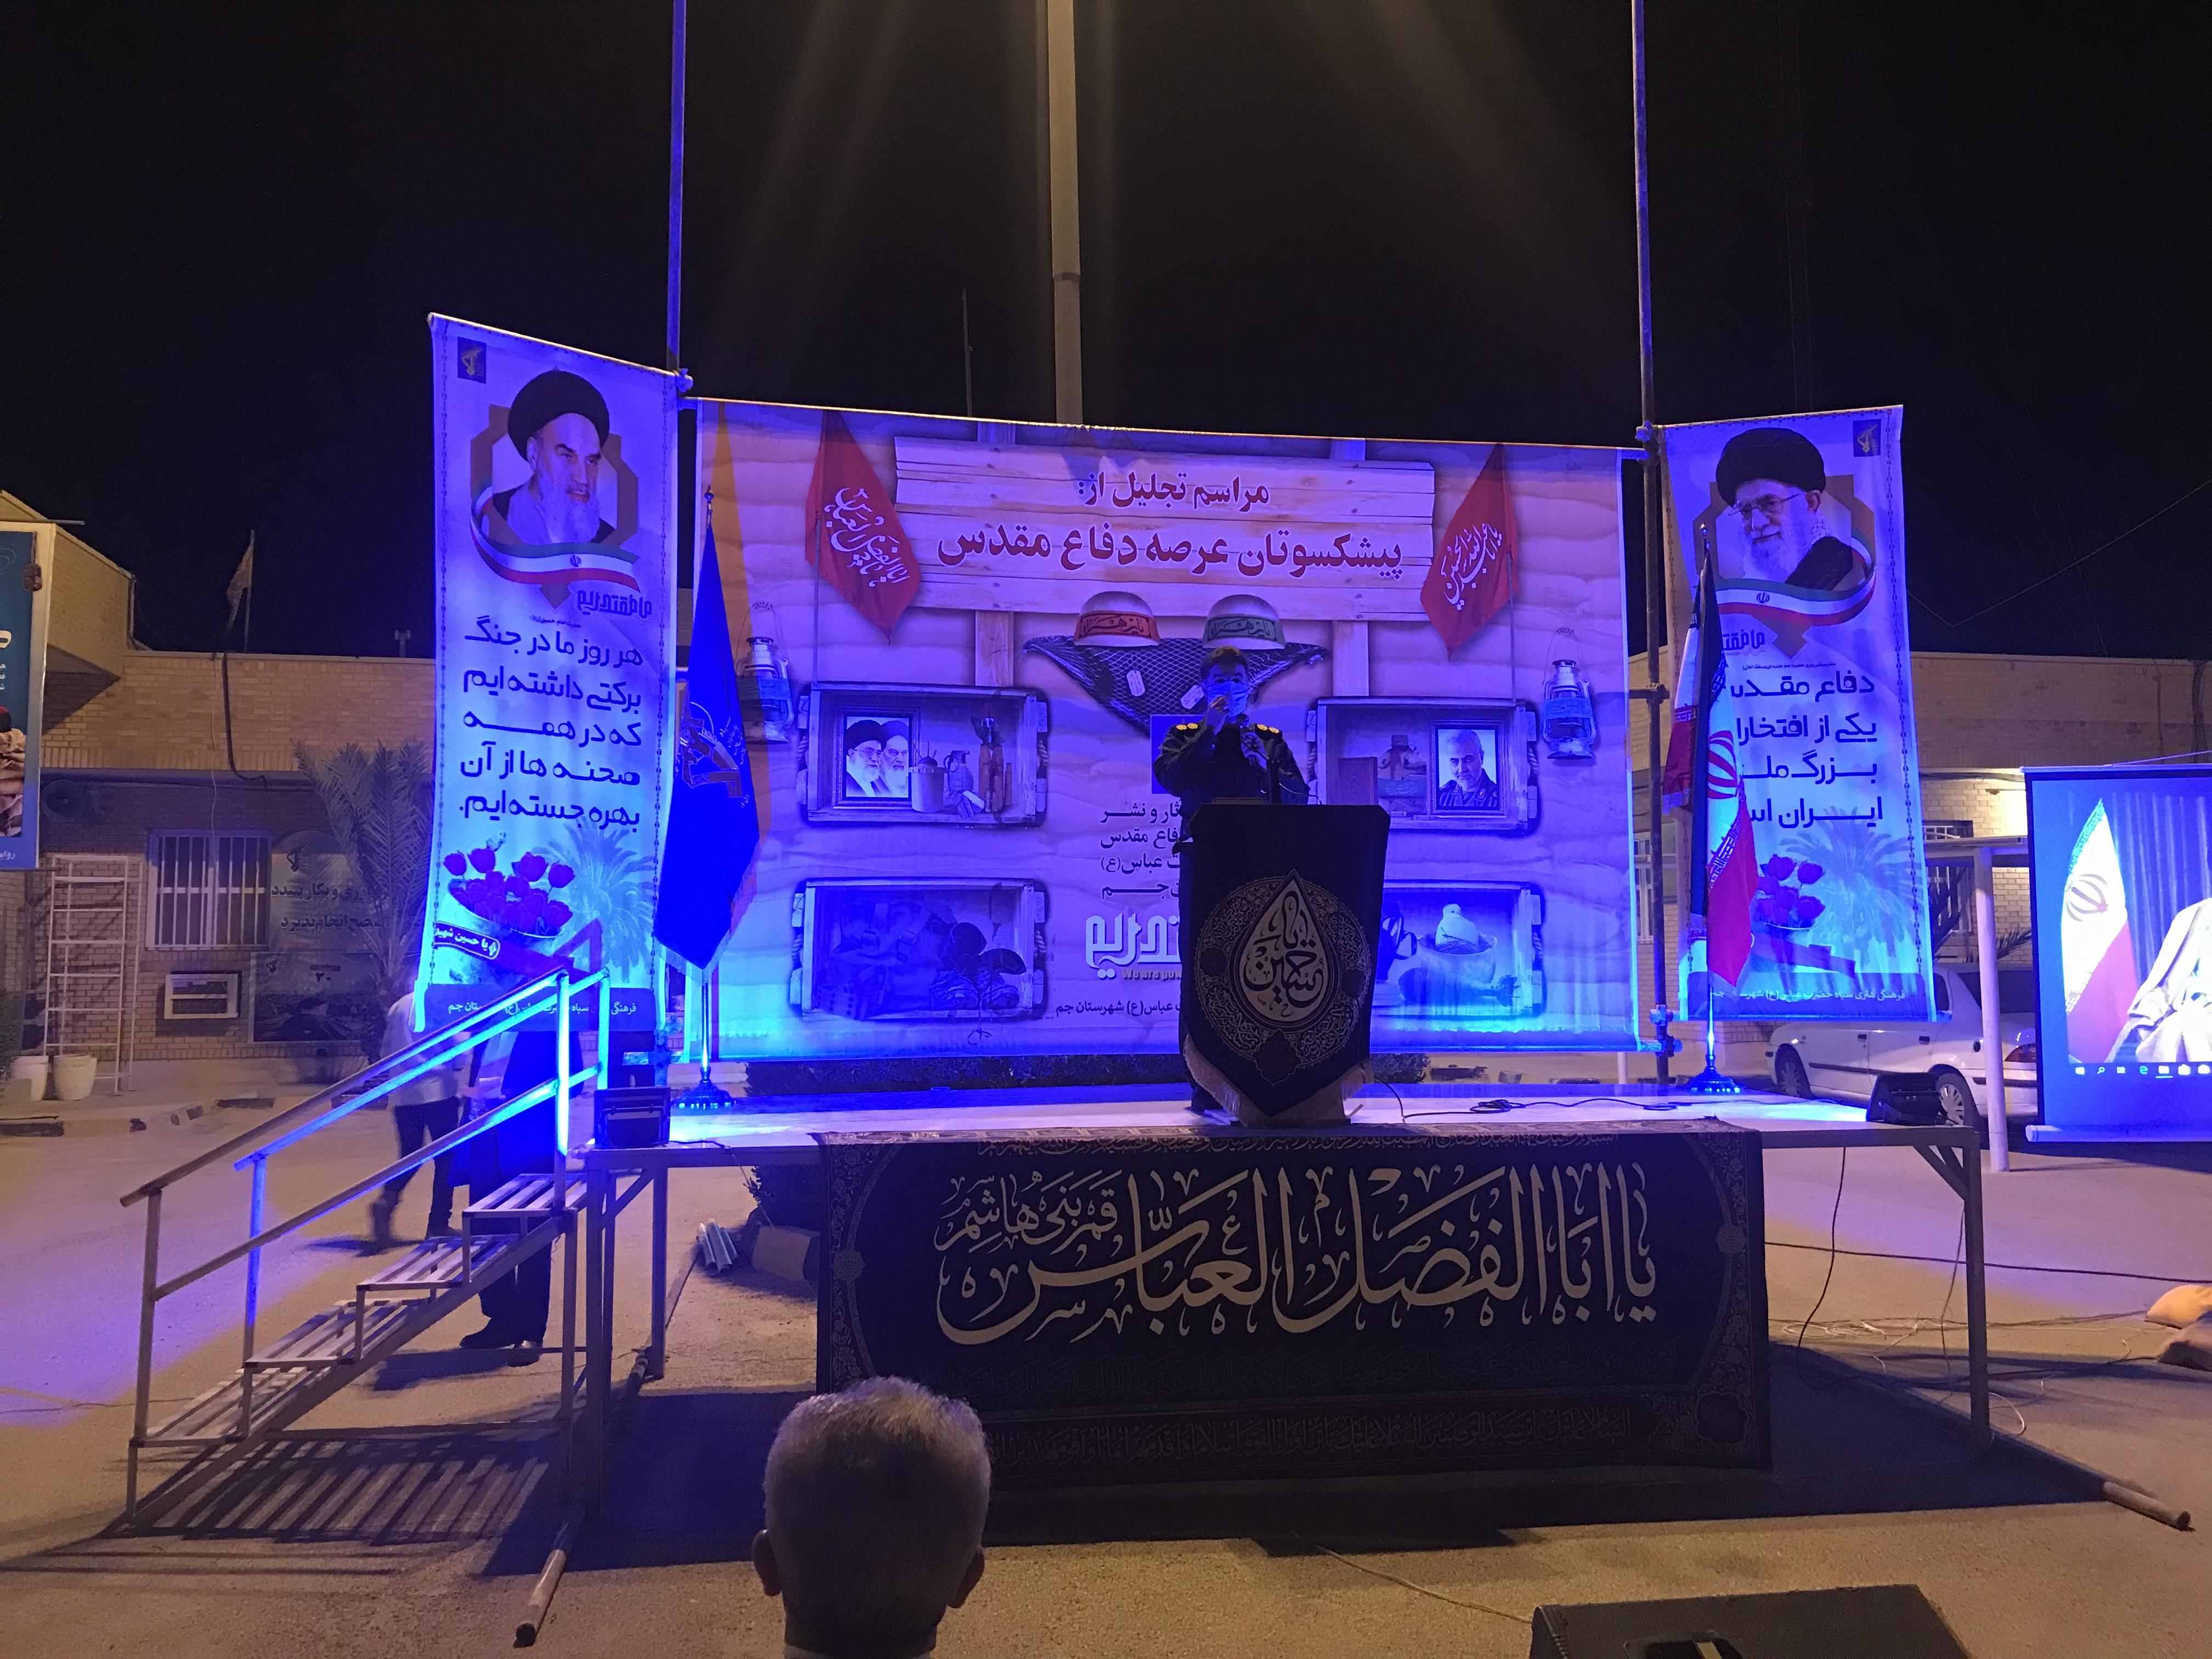 برگزاری مراسم تجلیل از پیشکسوتان عرصه دفاع مقدس به مناسبت هفته دفاع مقدس در سپاه حضرت عباس جم